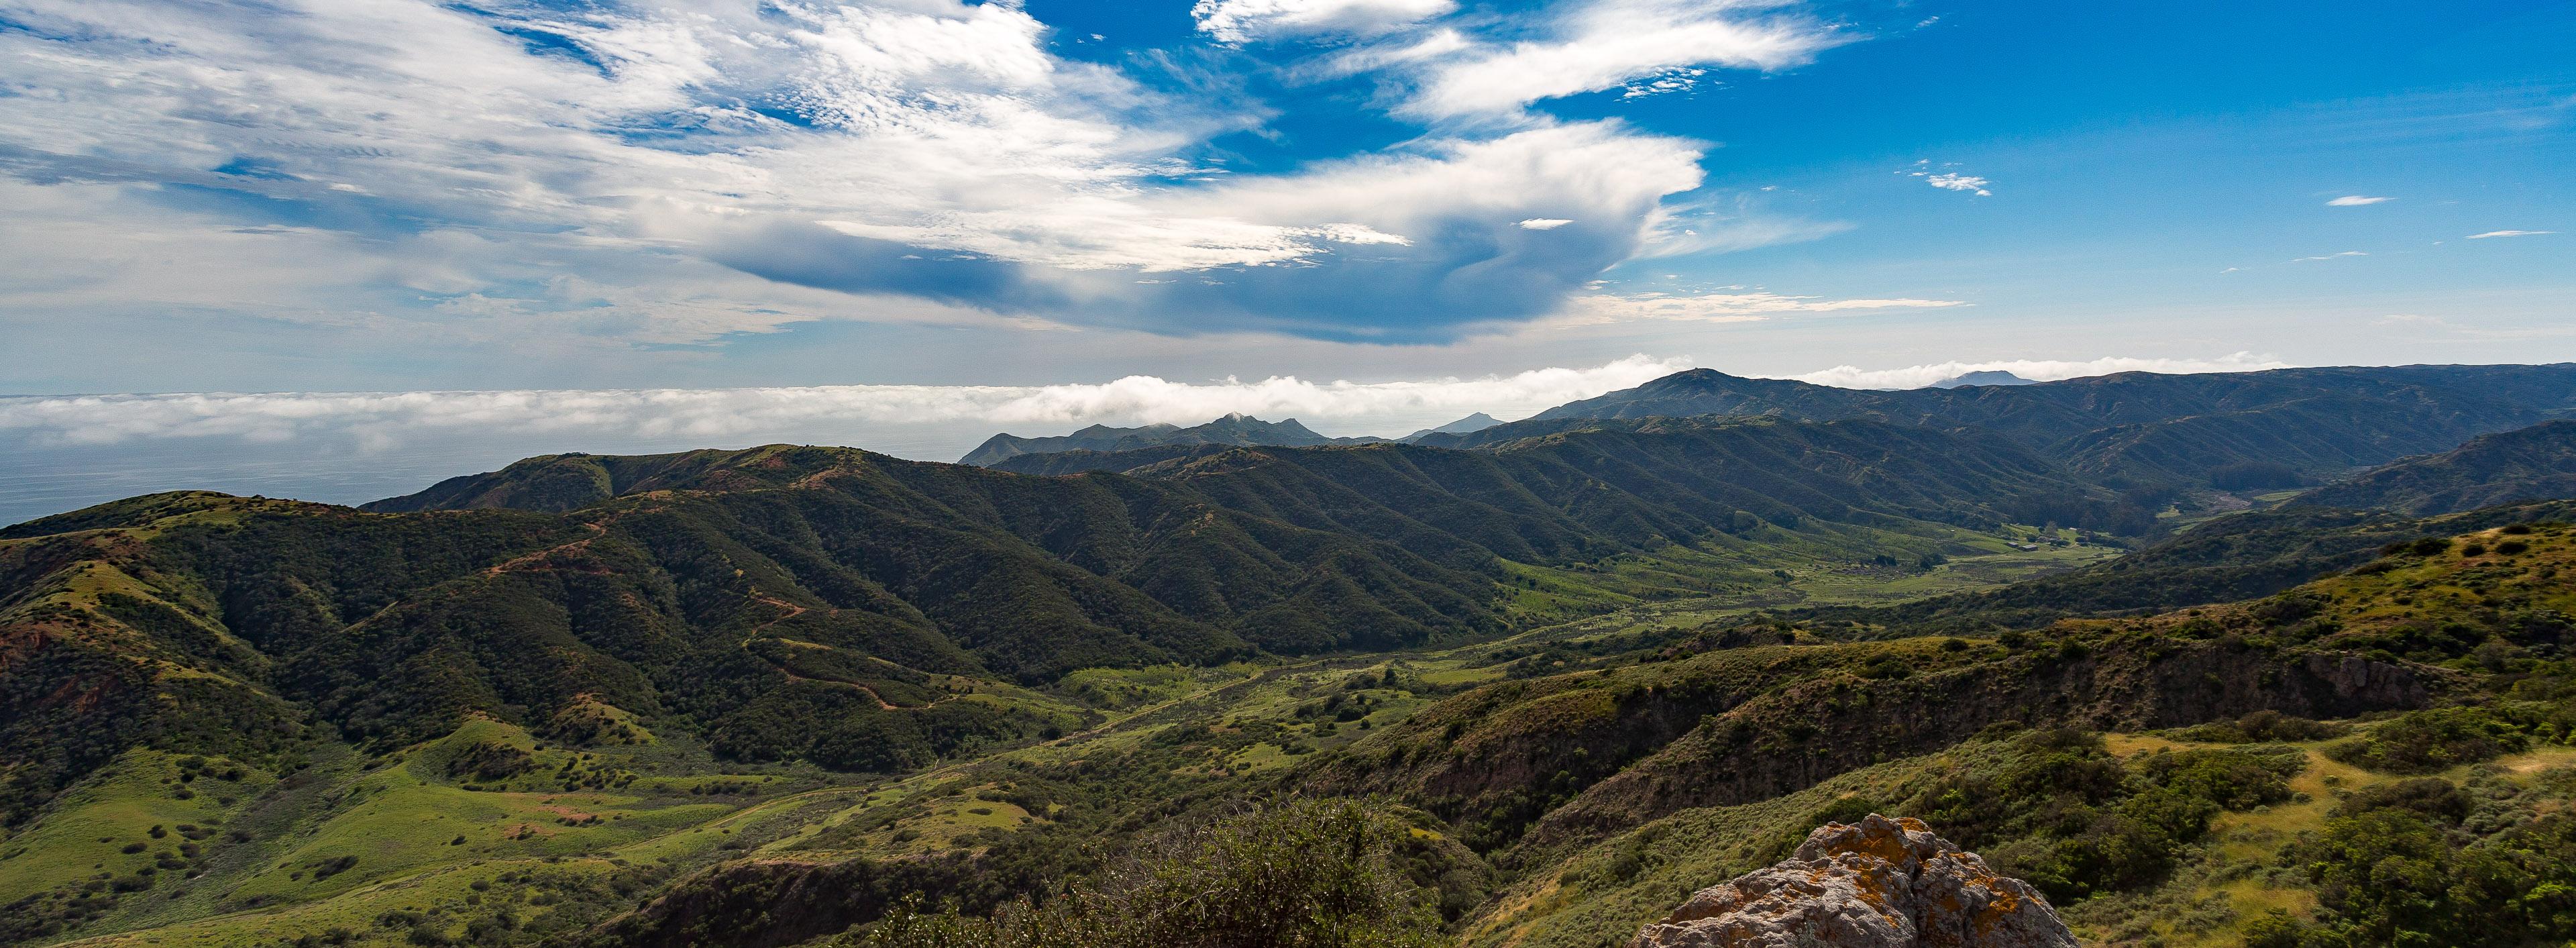 Santa Cruz Island Central Valley